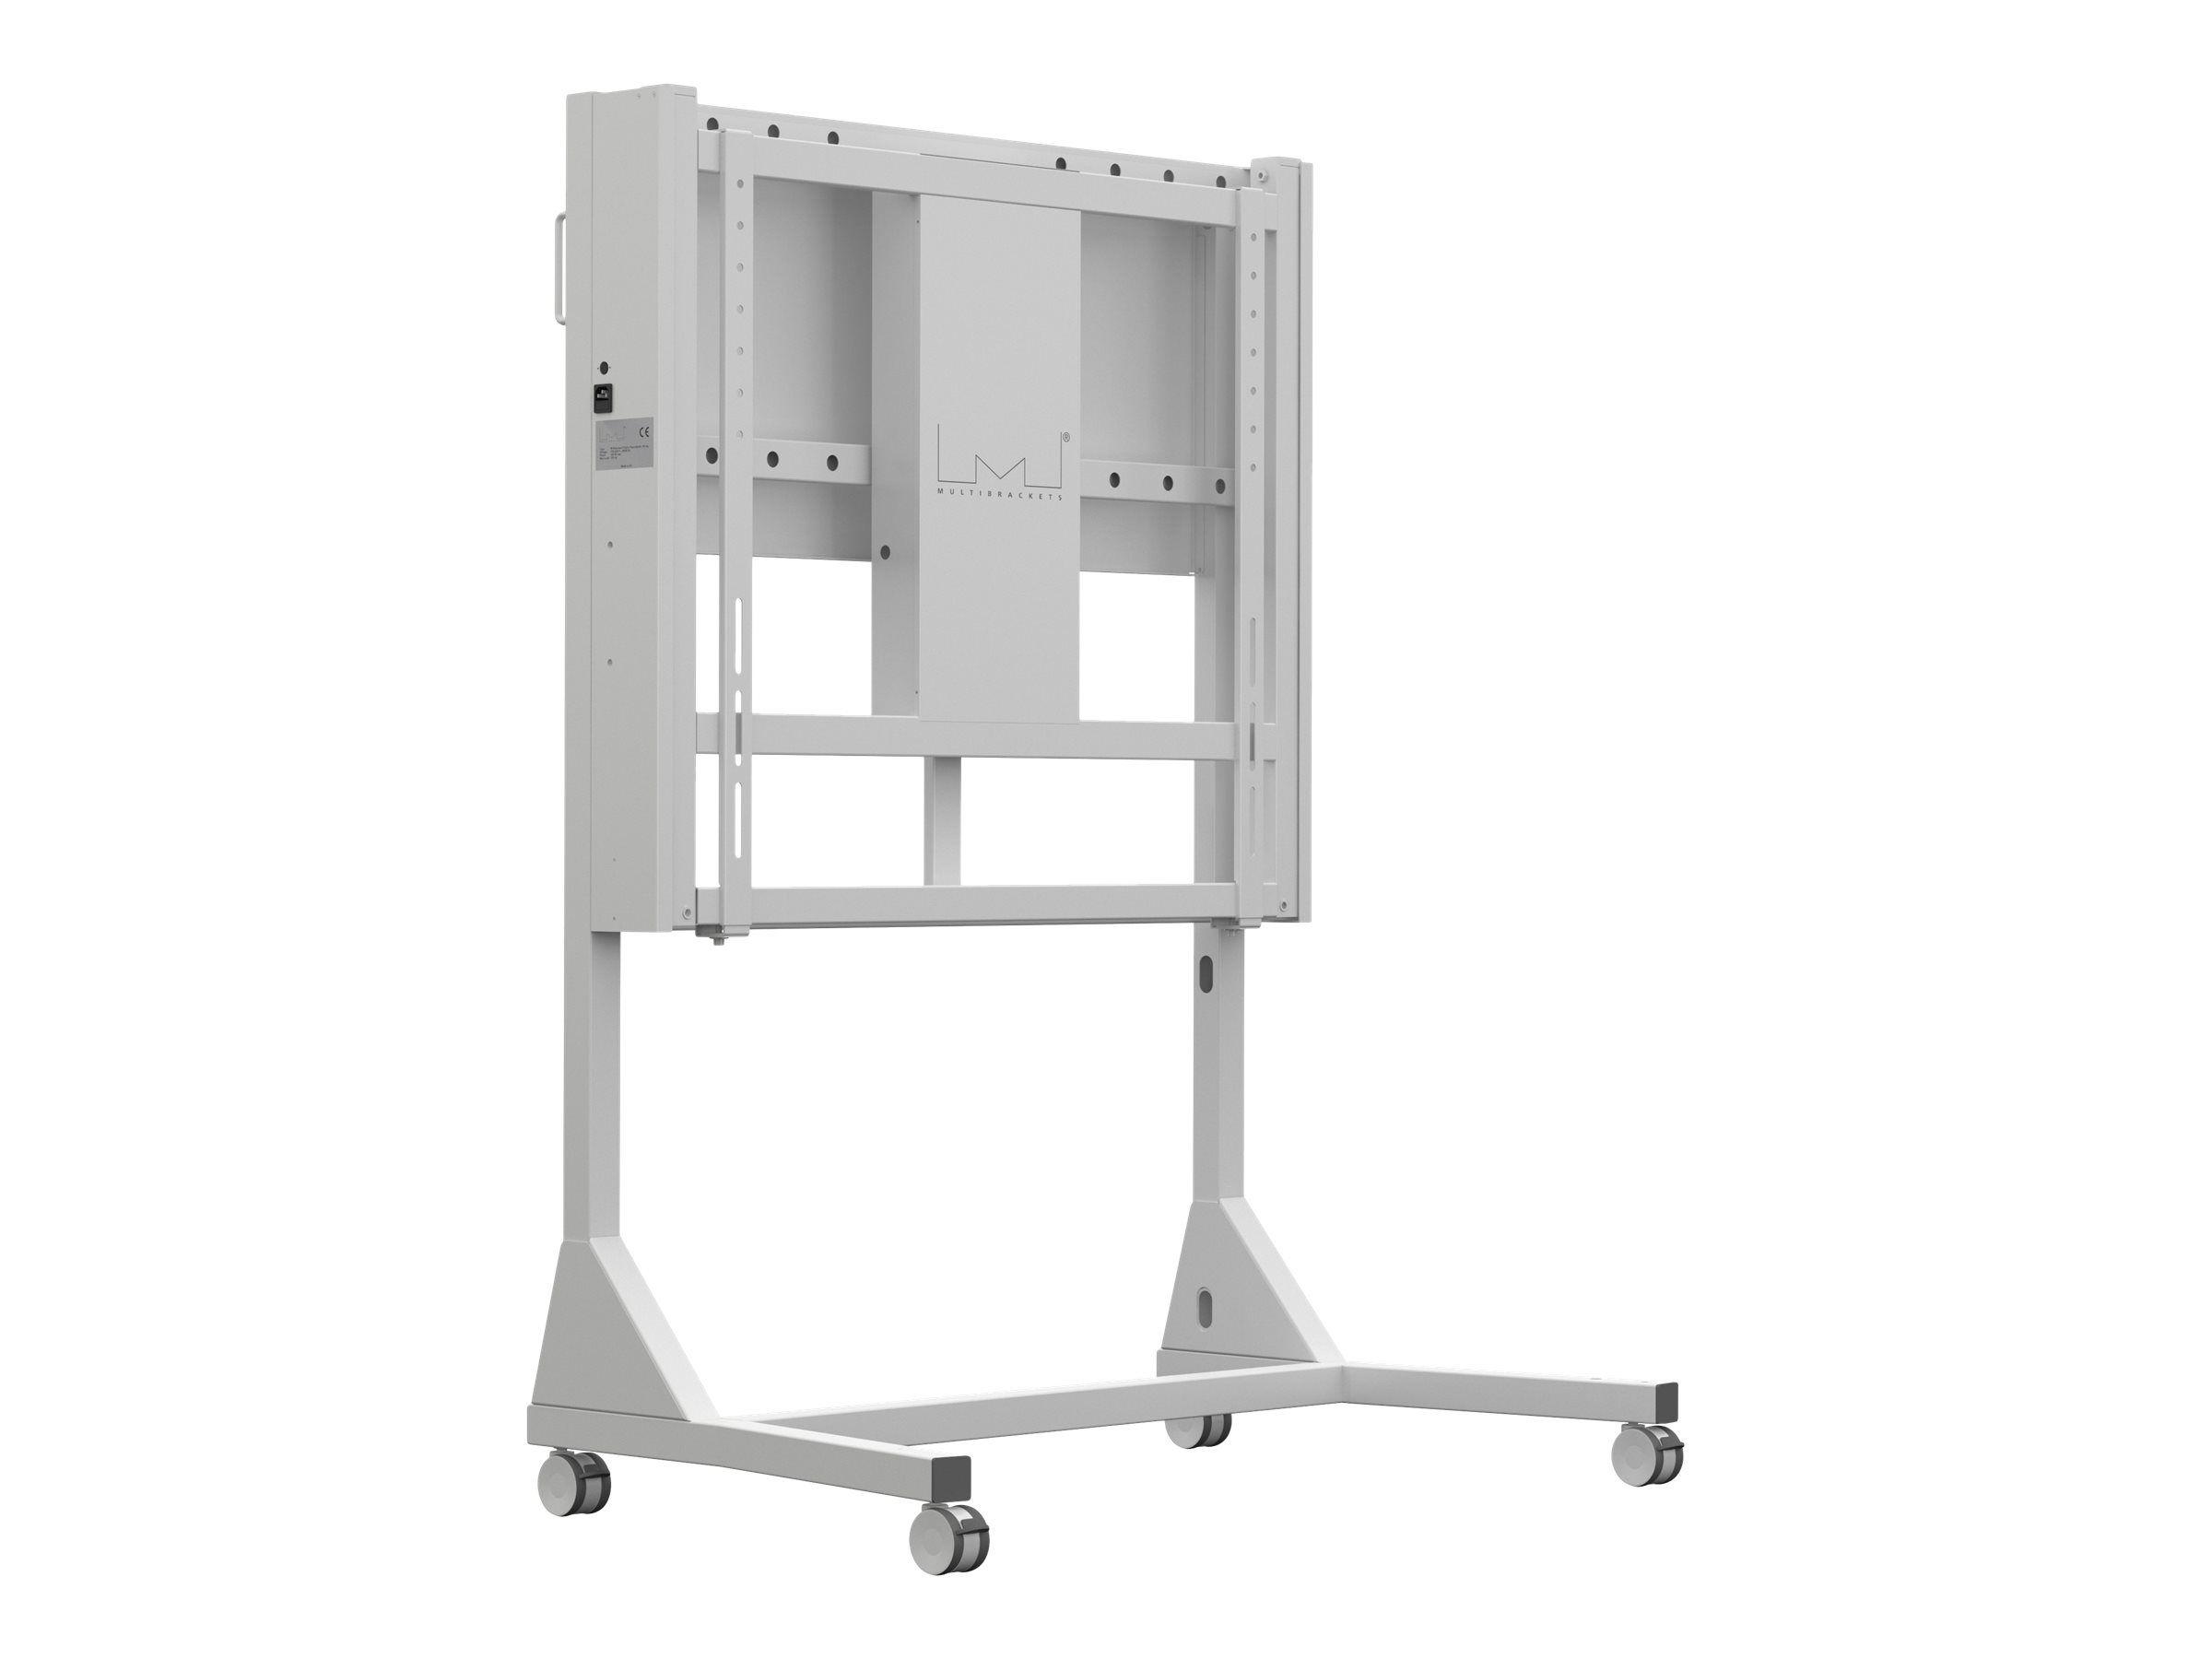 MULTIBRACKETS M Motorized Floorstand - Stativsett (gulvstativ) for LCD-TV - hvit